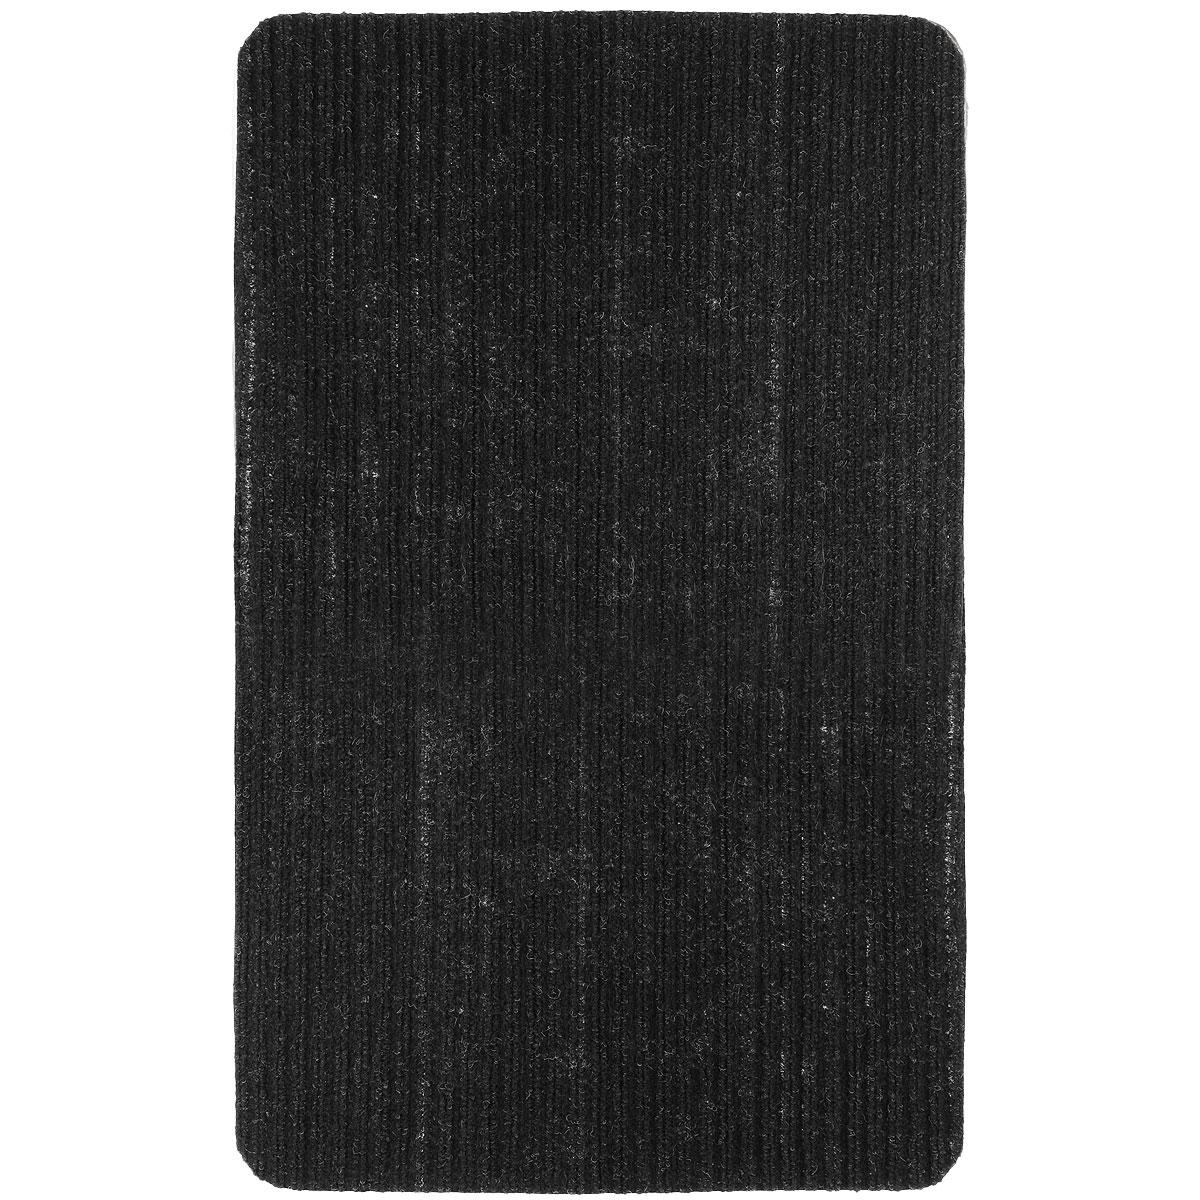 Коврик придверный Vortex Simple, цвет: черный, 50 см х 80 см22074_черныйПридверный коврик Vortex Simple выполнен из полимерных материалов. Он прост в обслуживании, прочный и устойчивый к различным погодным условиям. Такой коврик надежно защитит помещение от уличной пыли и грязи.